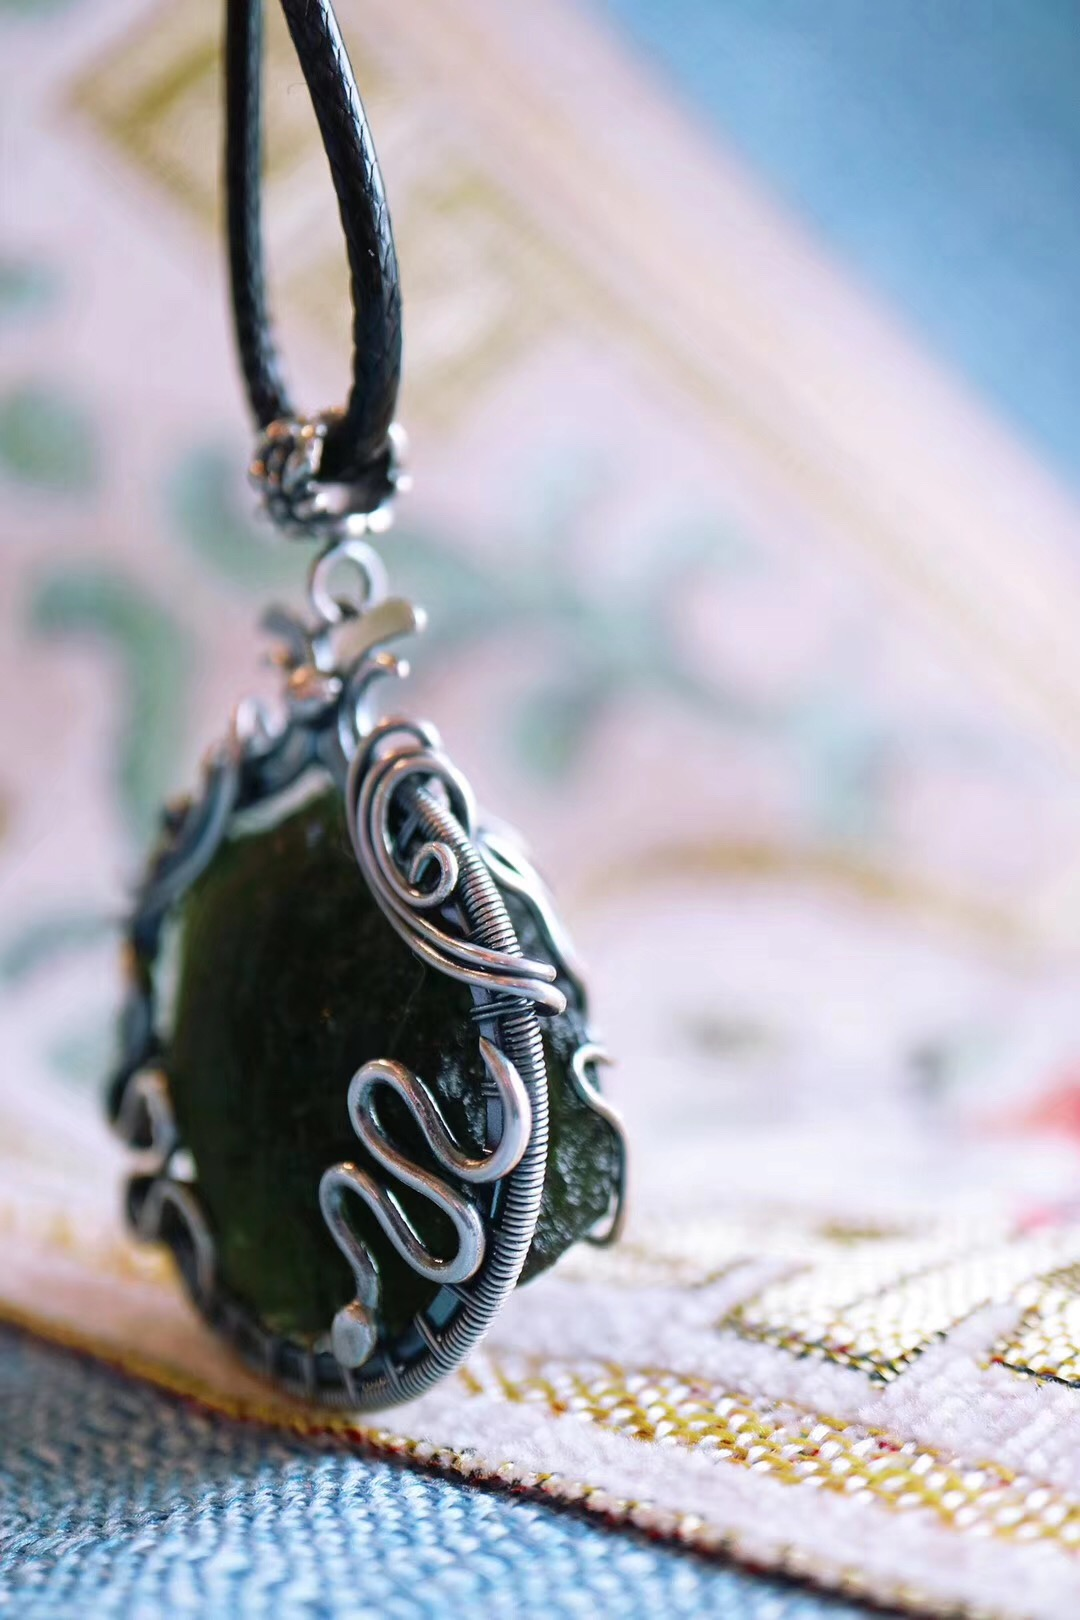 【菩心-捷克陨石&♊️】一枚双子座&蛇-捷克陨石吊坠设计-菩心晶舍